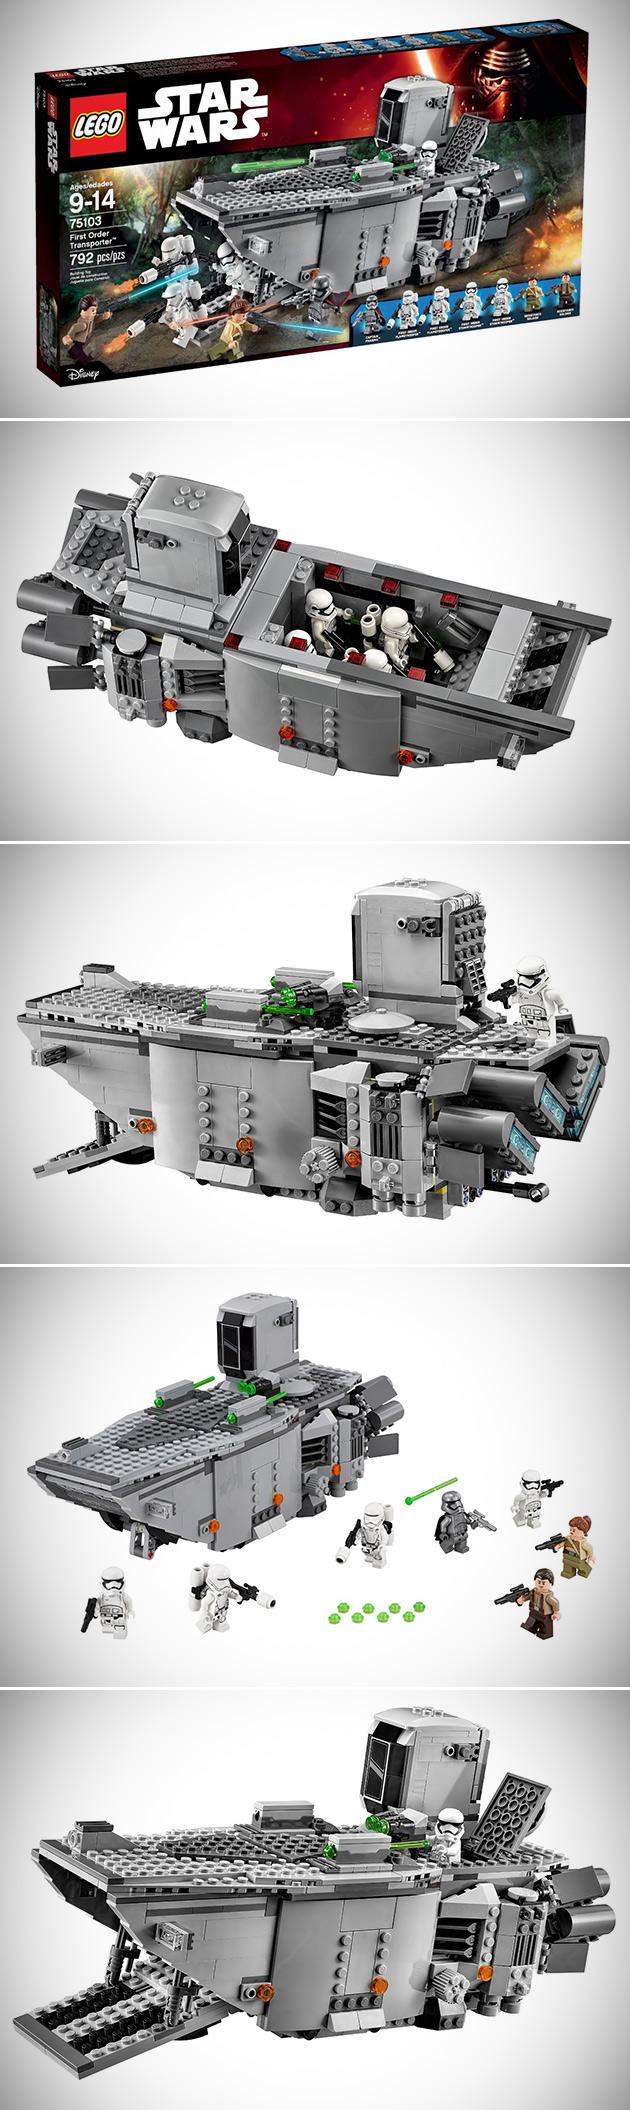 LEGO Star Wars First Order Transporter